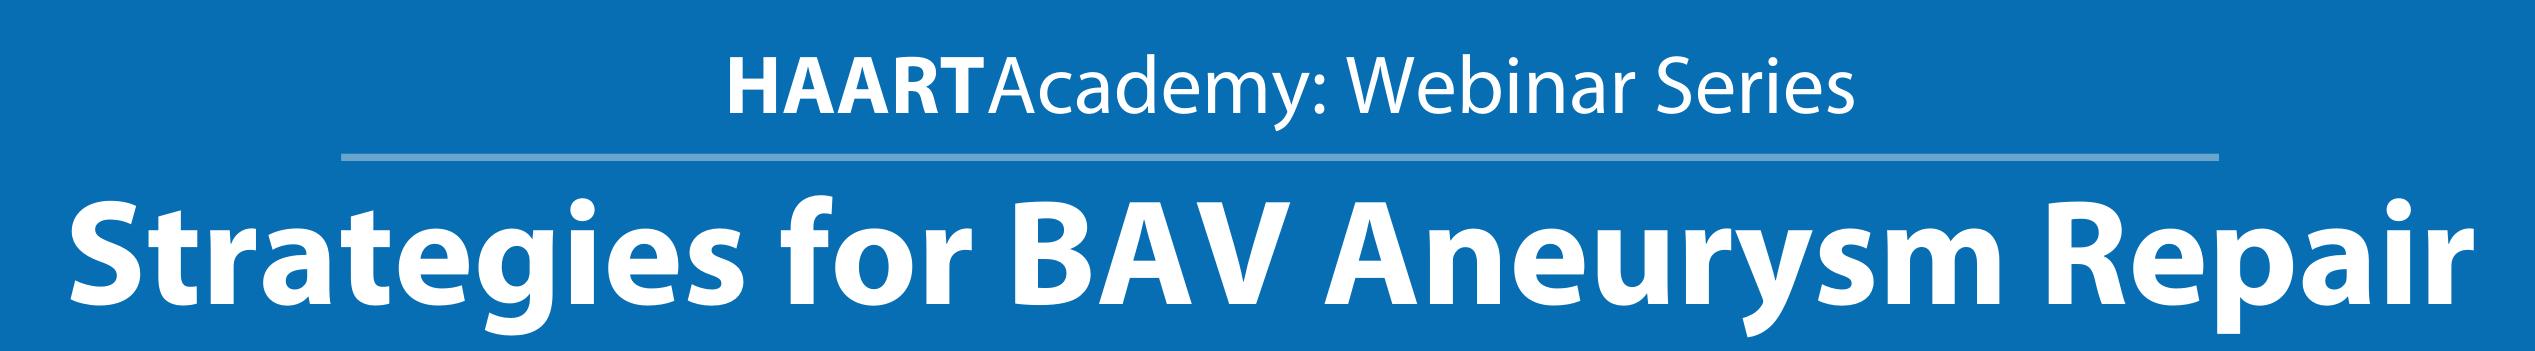 BAV Aneurysm Repair - web title